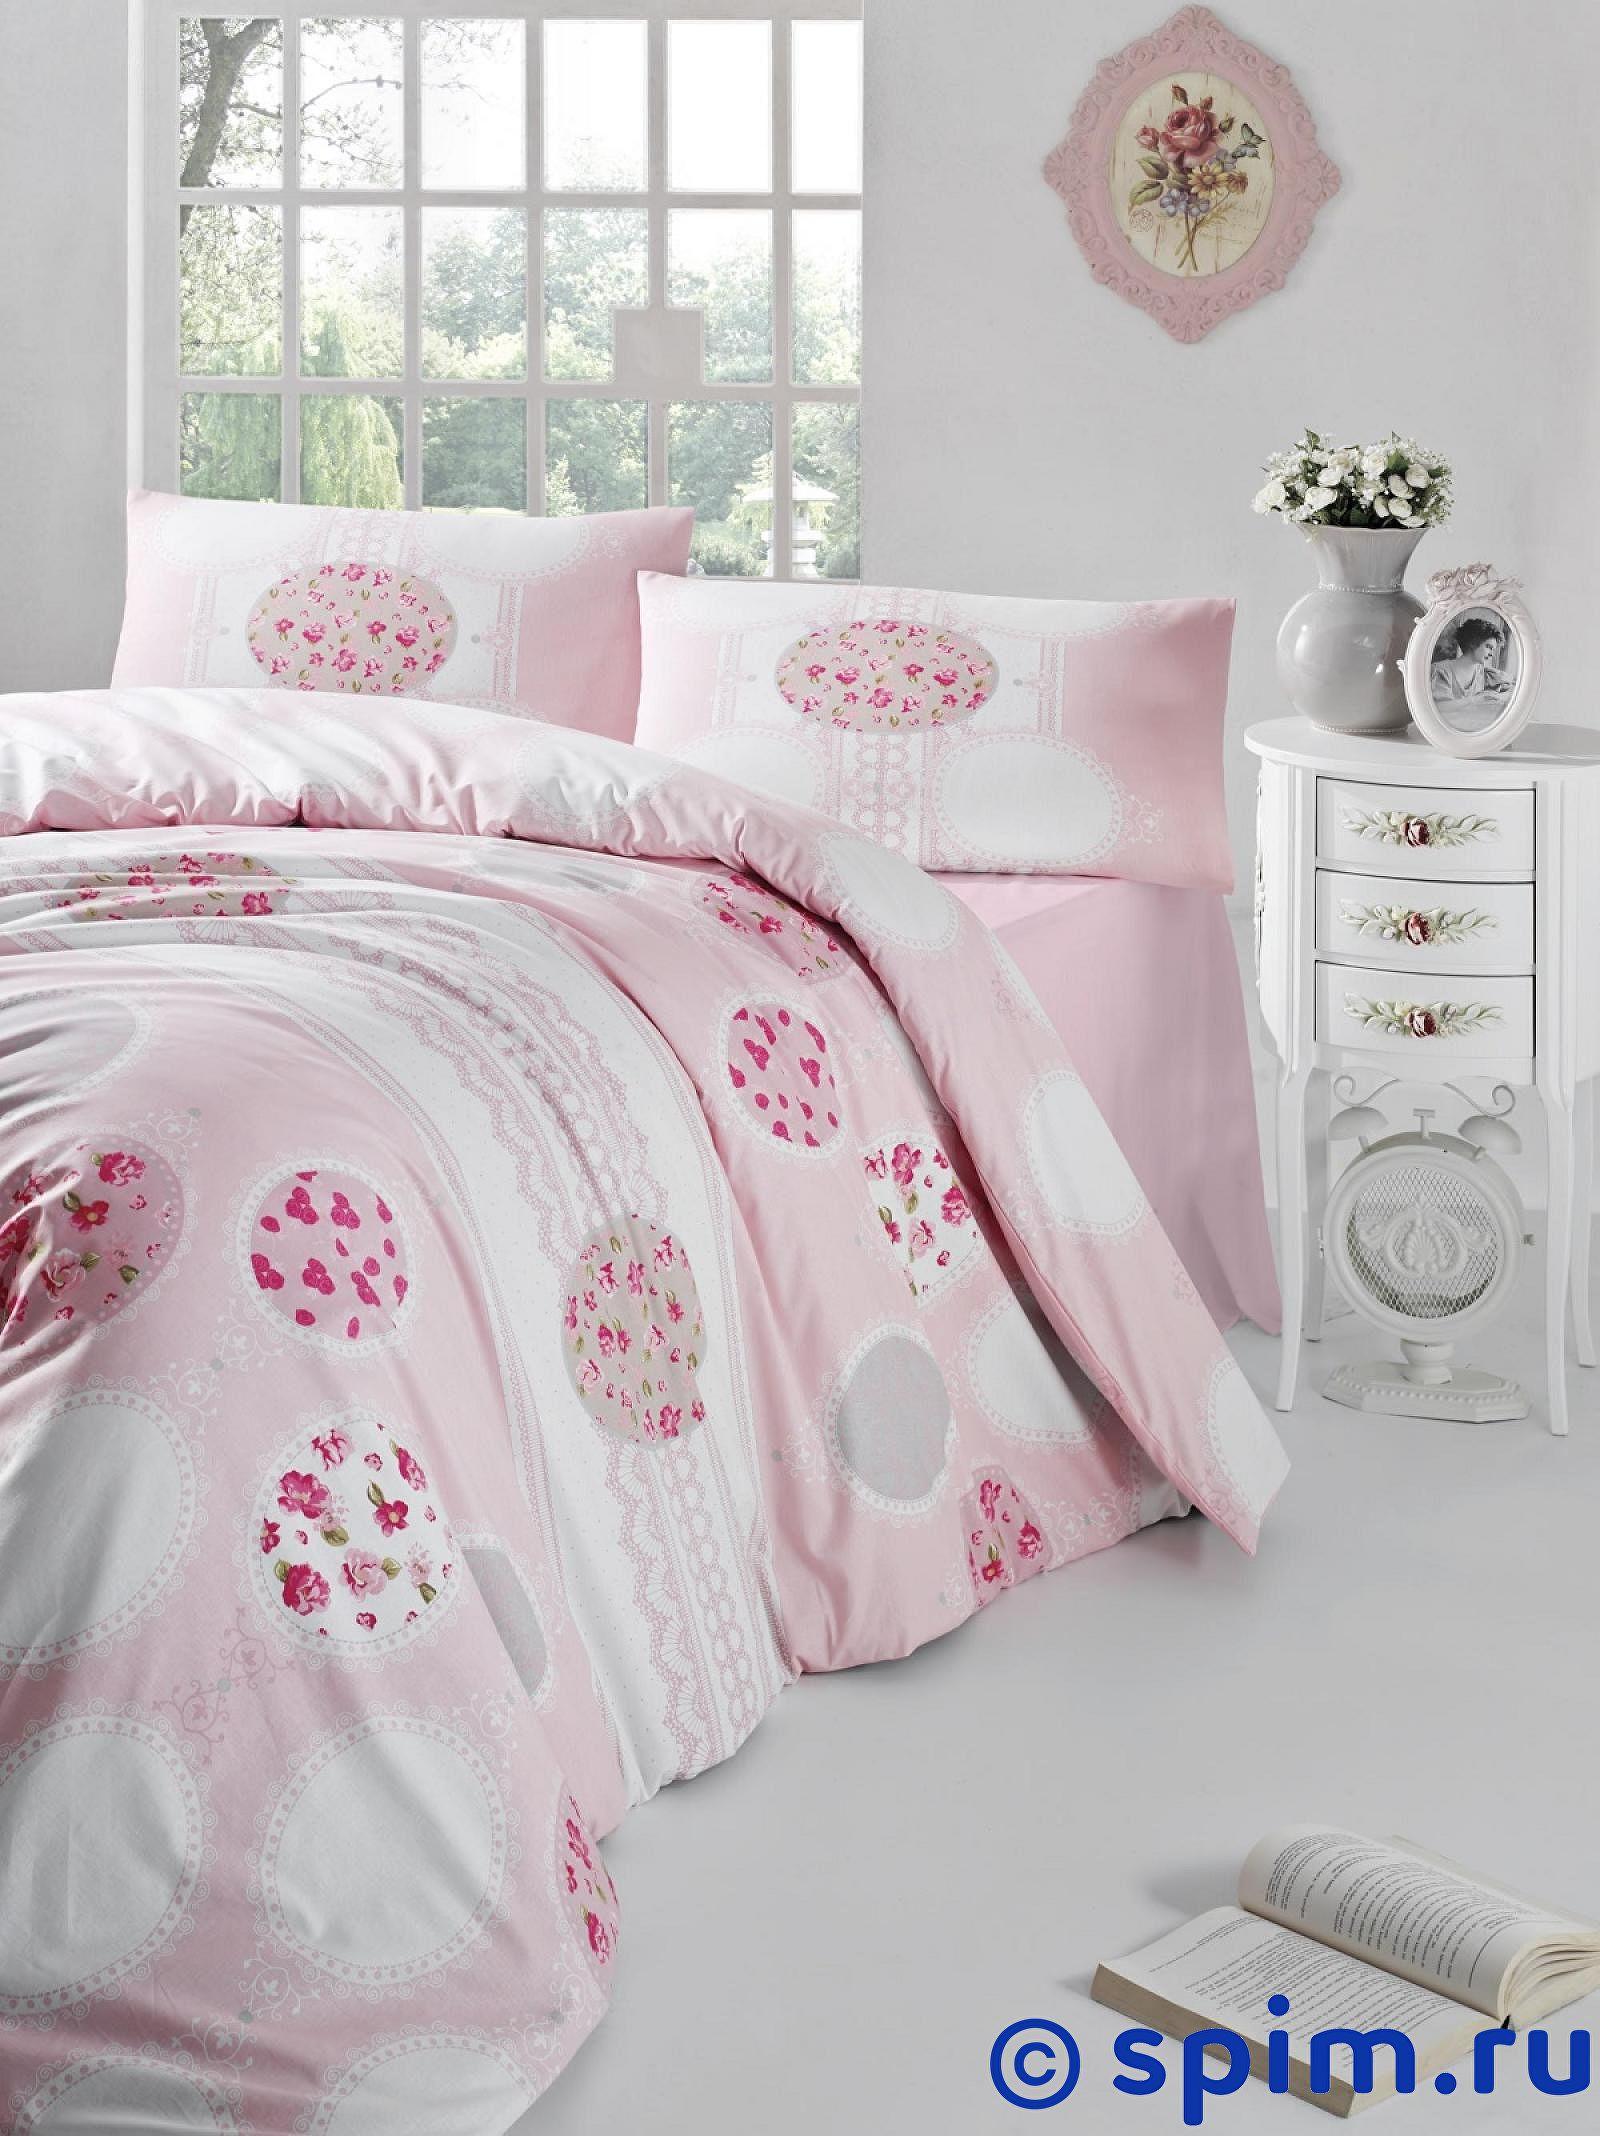 Постельное белье Altinbasak Belin, розовый Евро-стандарт